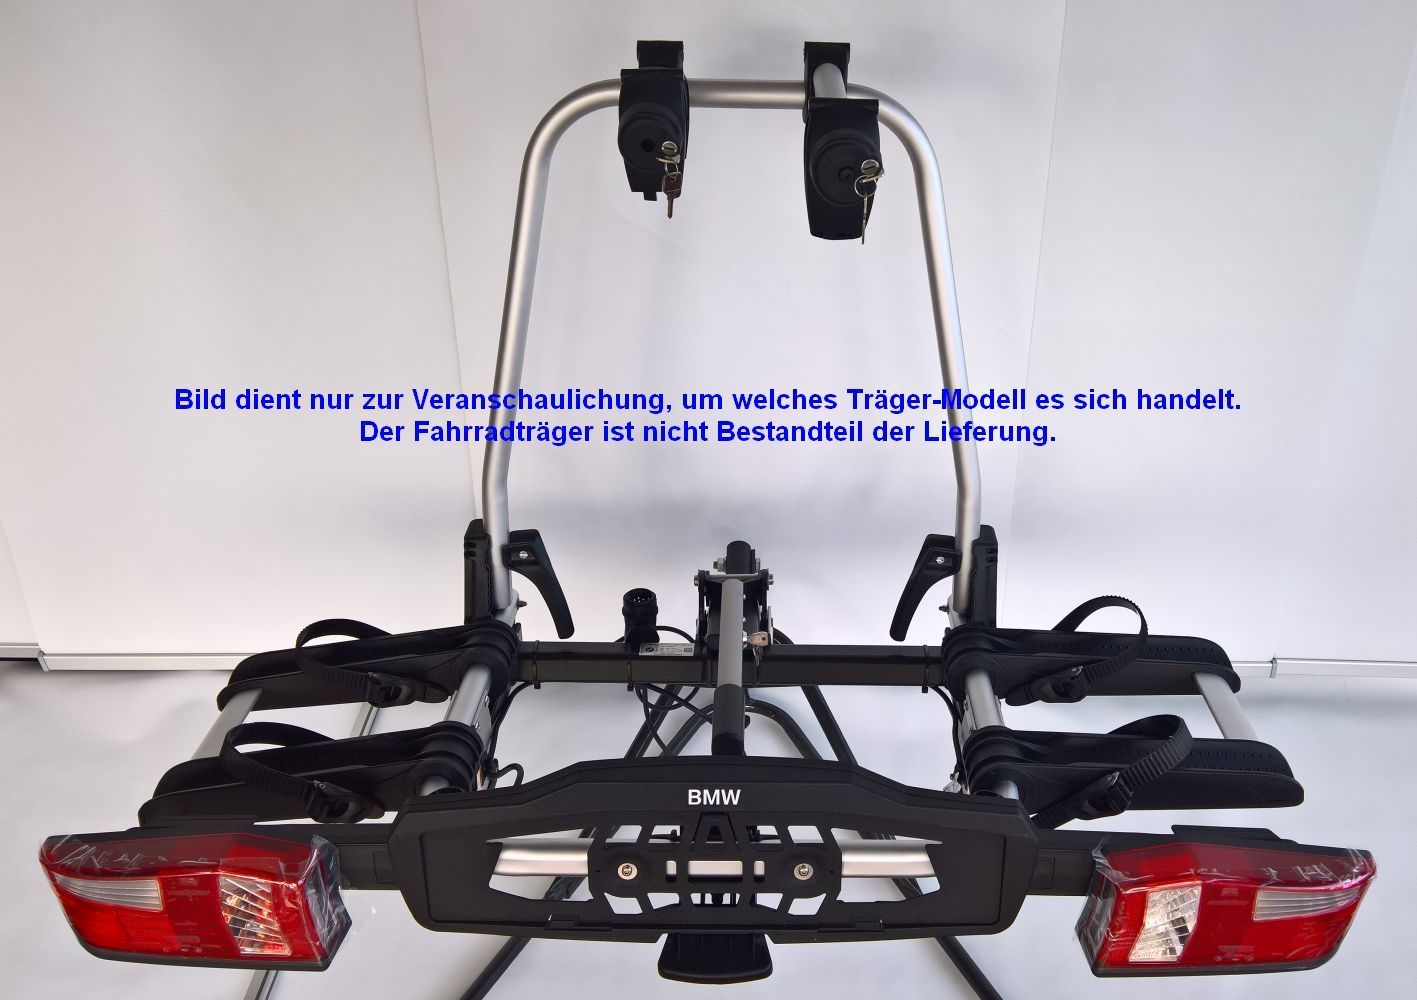 leuchtenarm links f r fahrradtr ger bmw pro 2 0. Black Bedroom Furniture Sets. Home Design Ideas